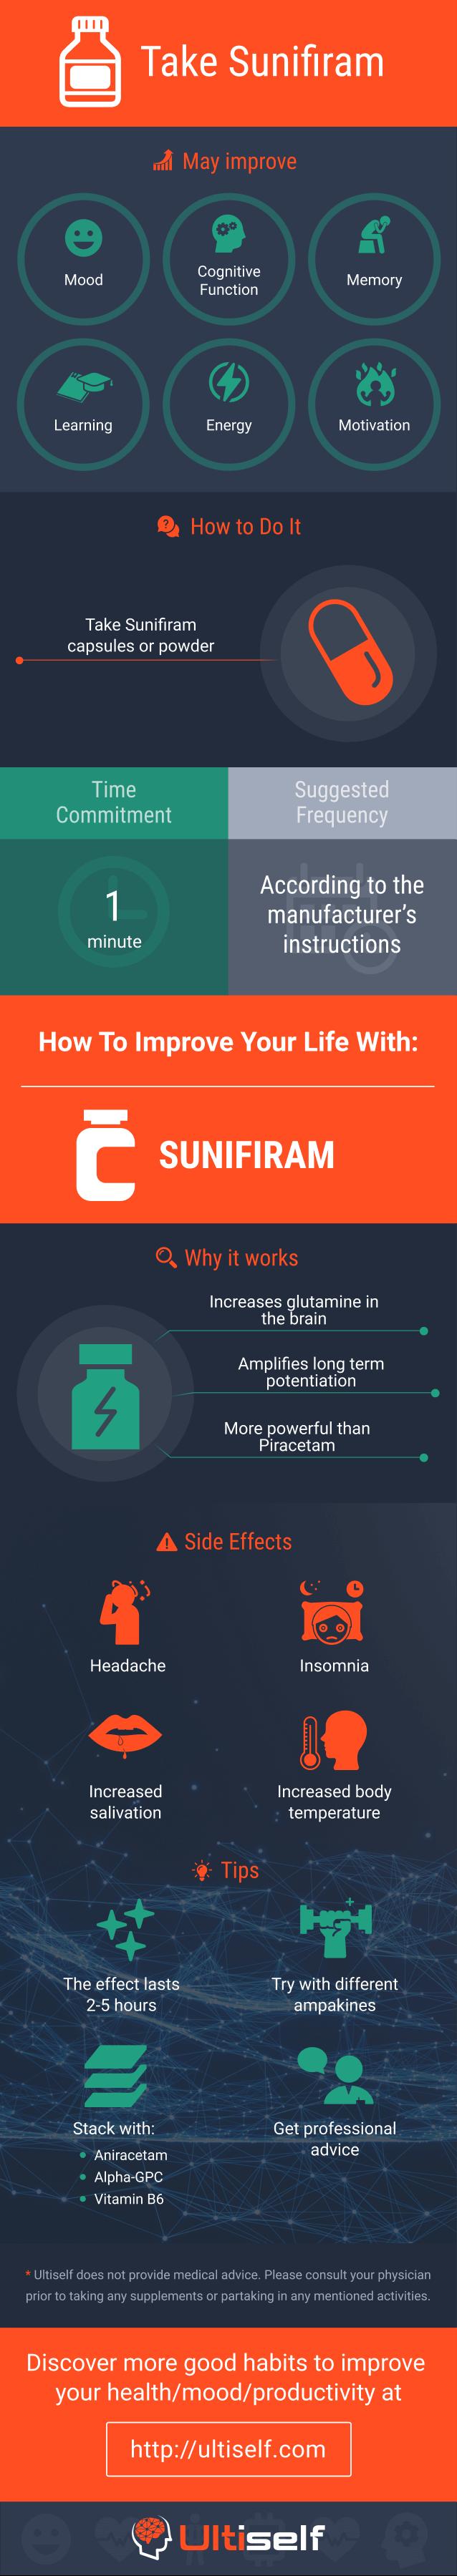 Take Sunifiram infographic